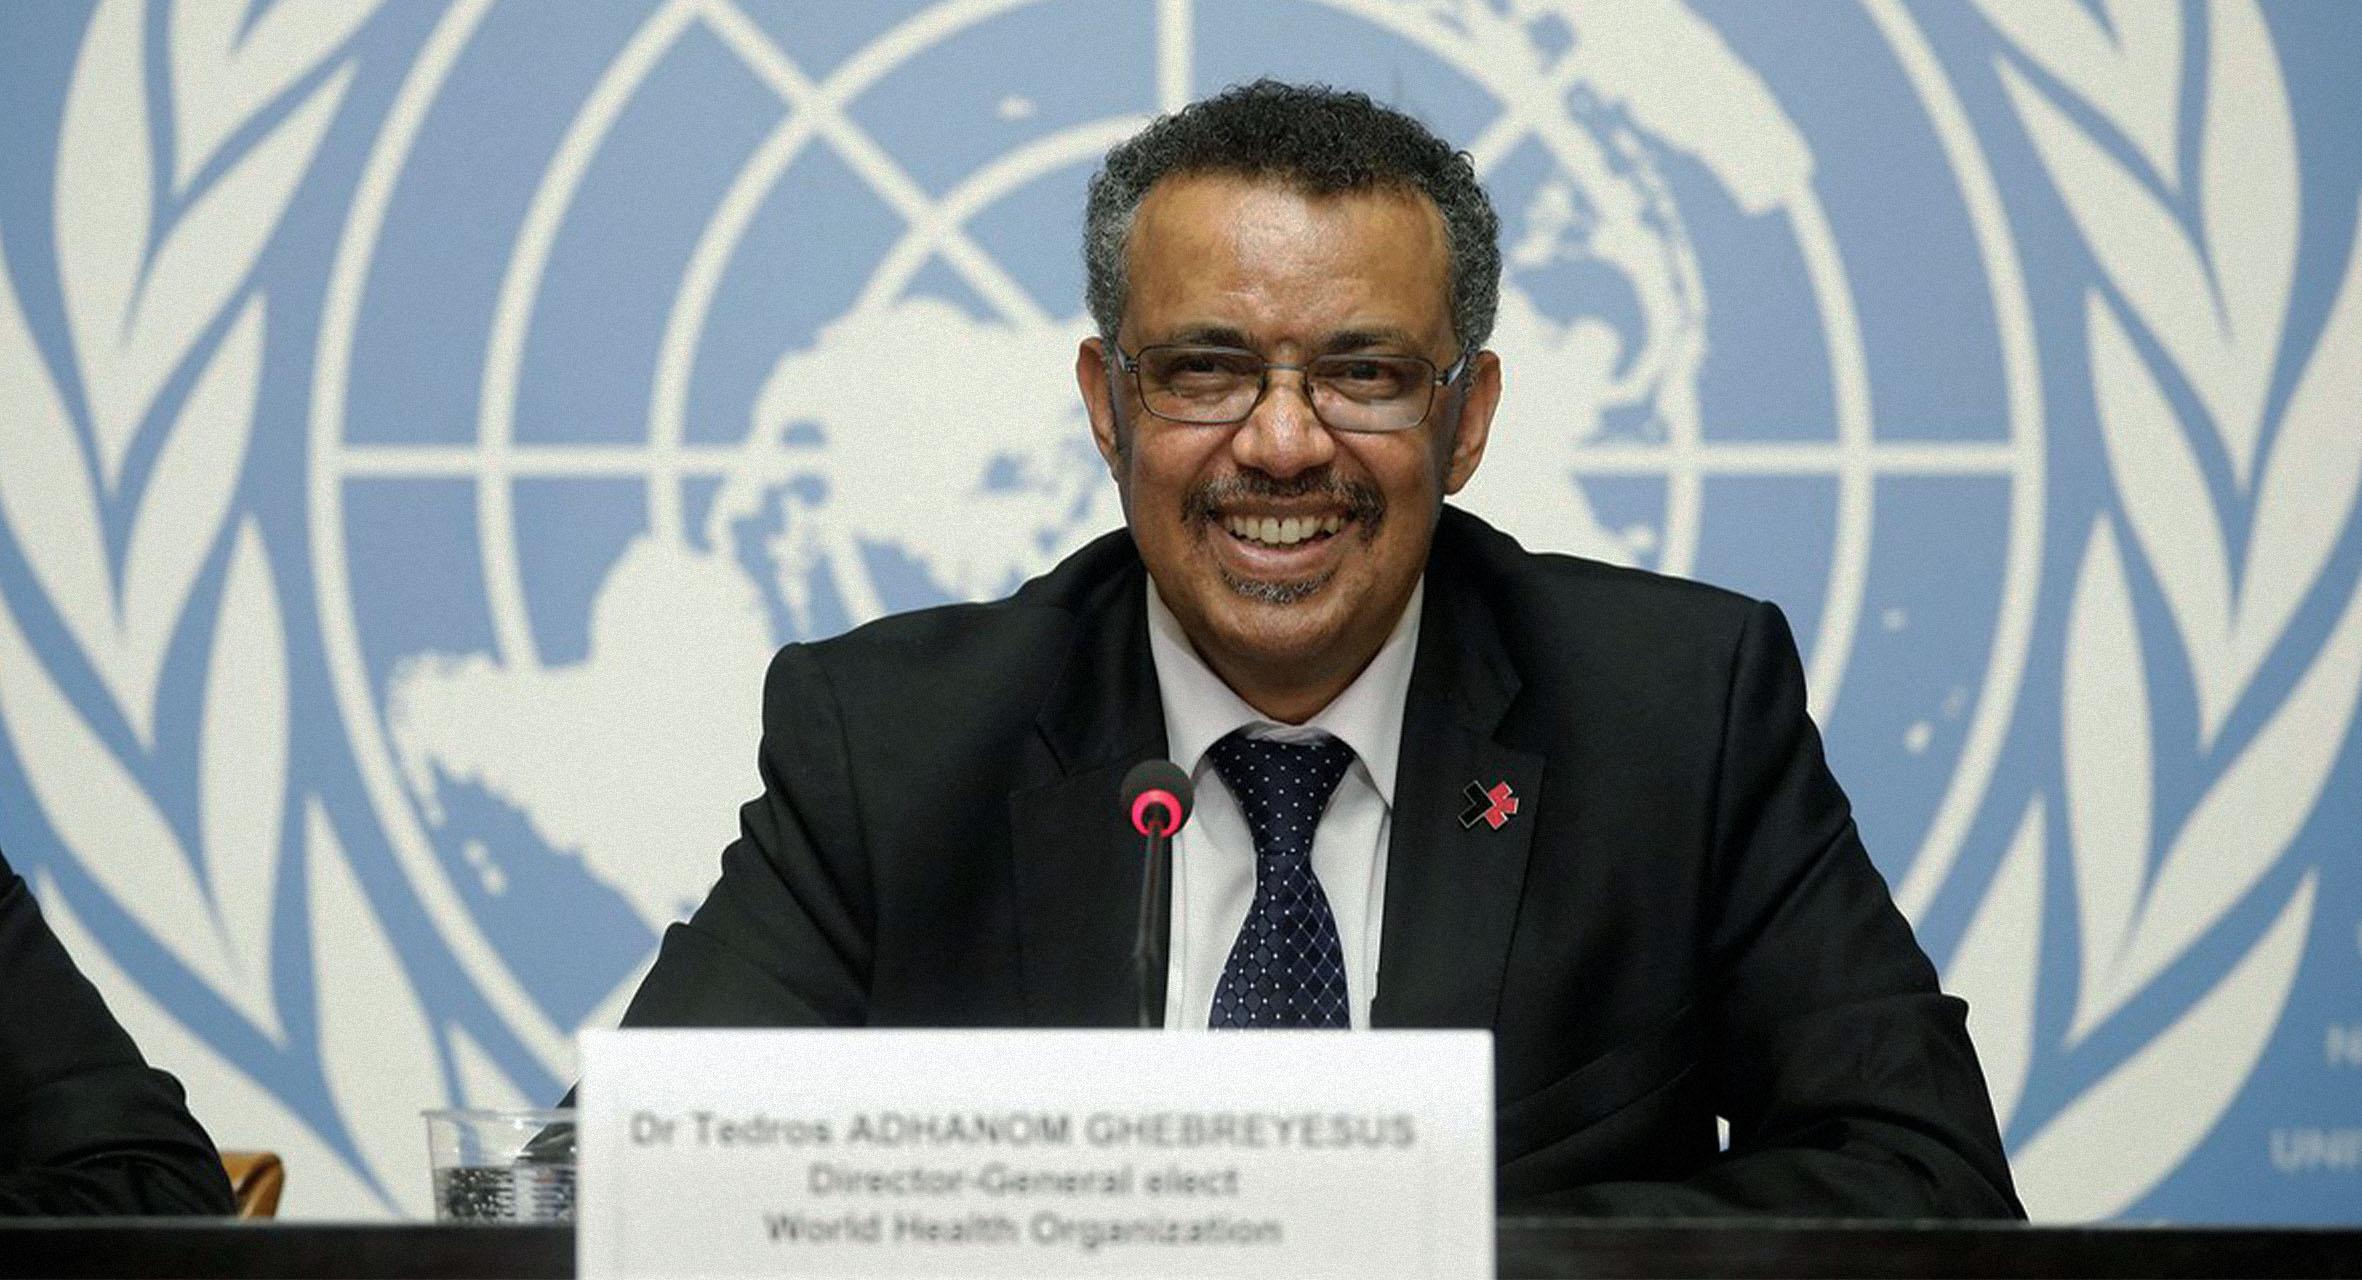 صورة منظمة الصحة العالمية تطمئن العرب المشككين بلقاح كوفيد-١٩ أن حسابهم لم يحسب به أصلاً